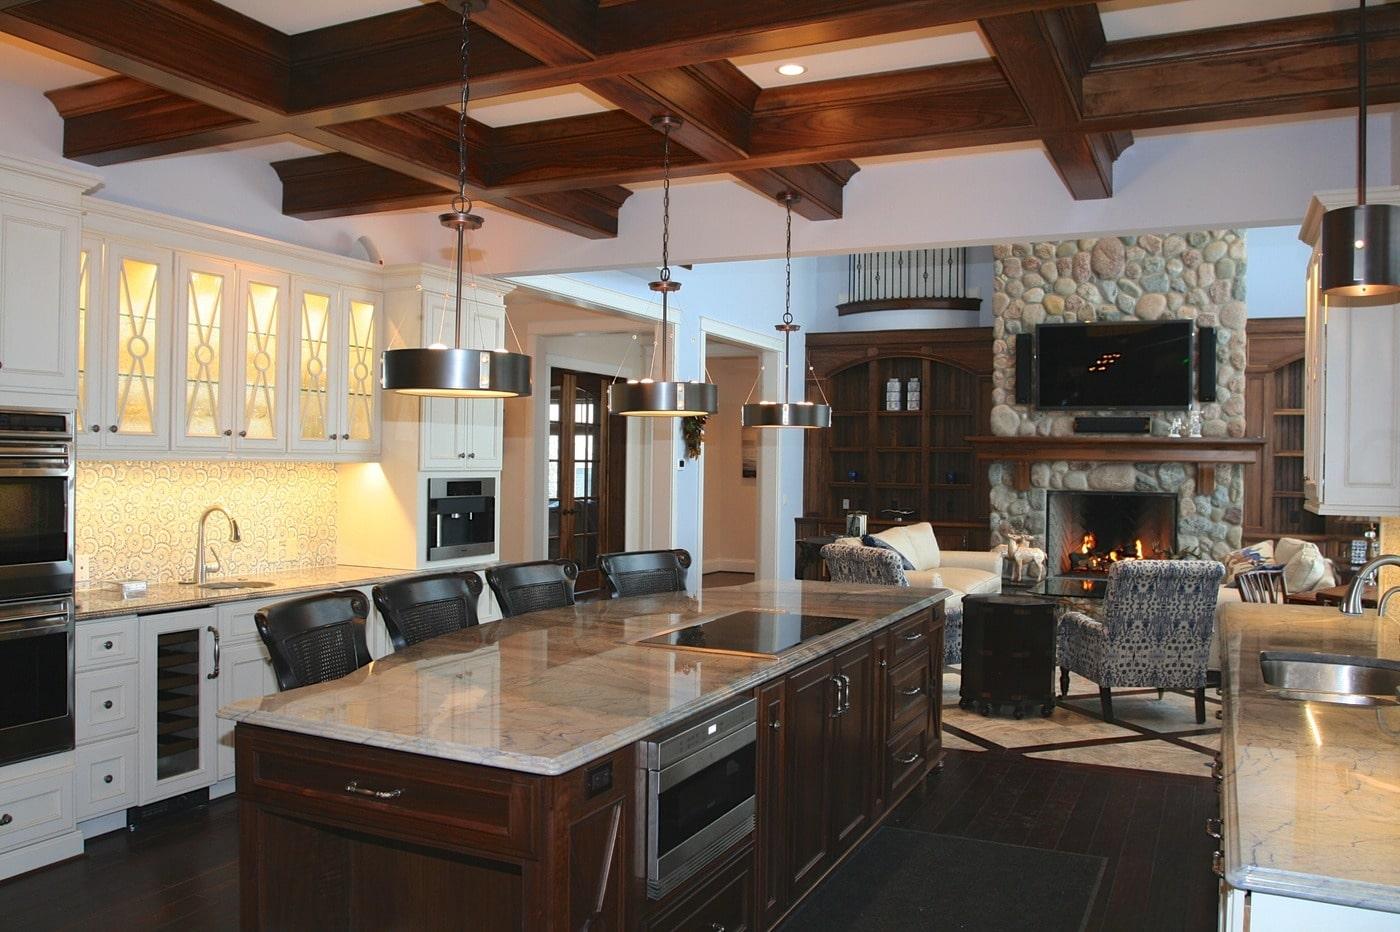 cocina de lujo rustica moderna